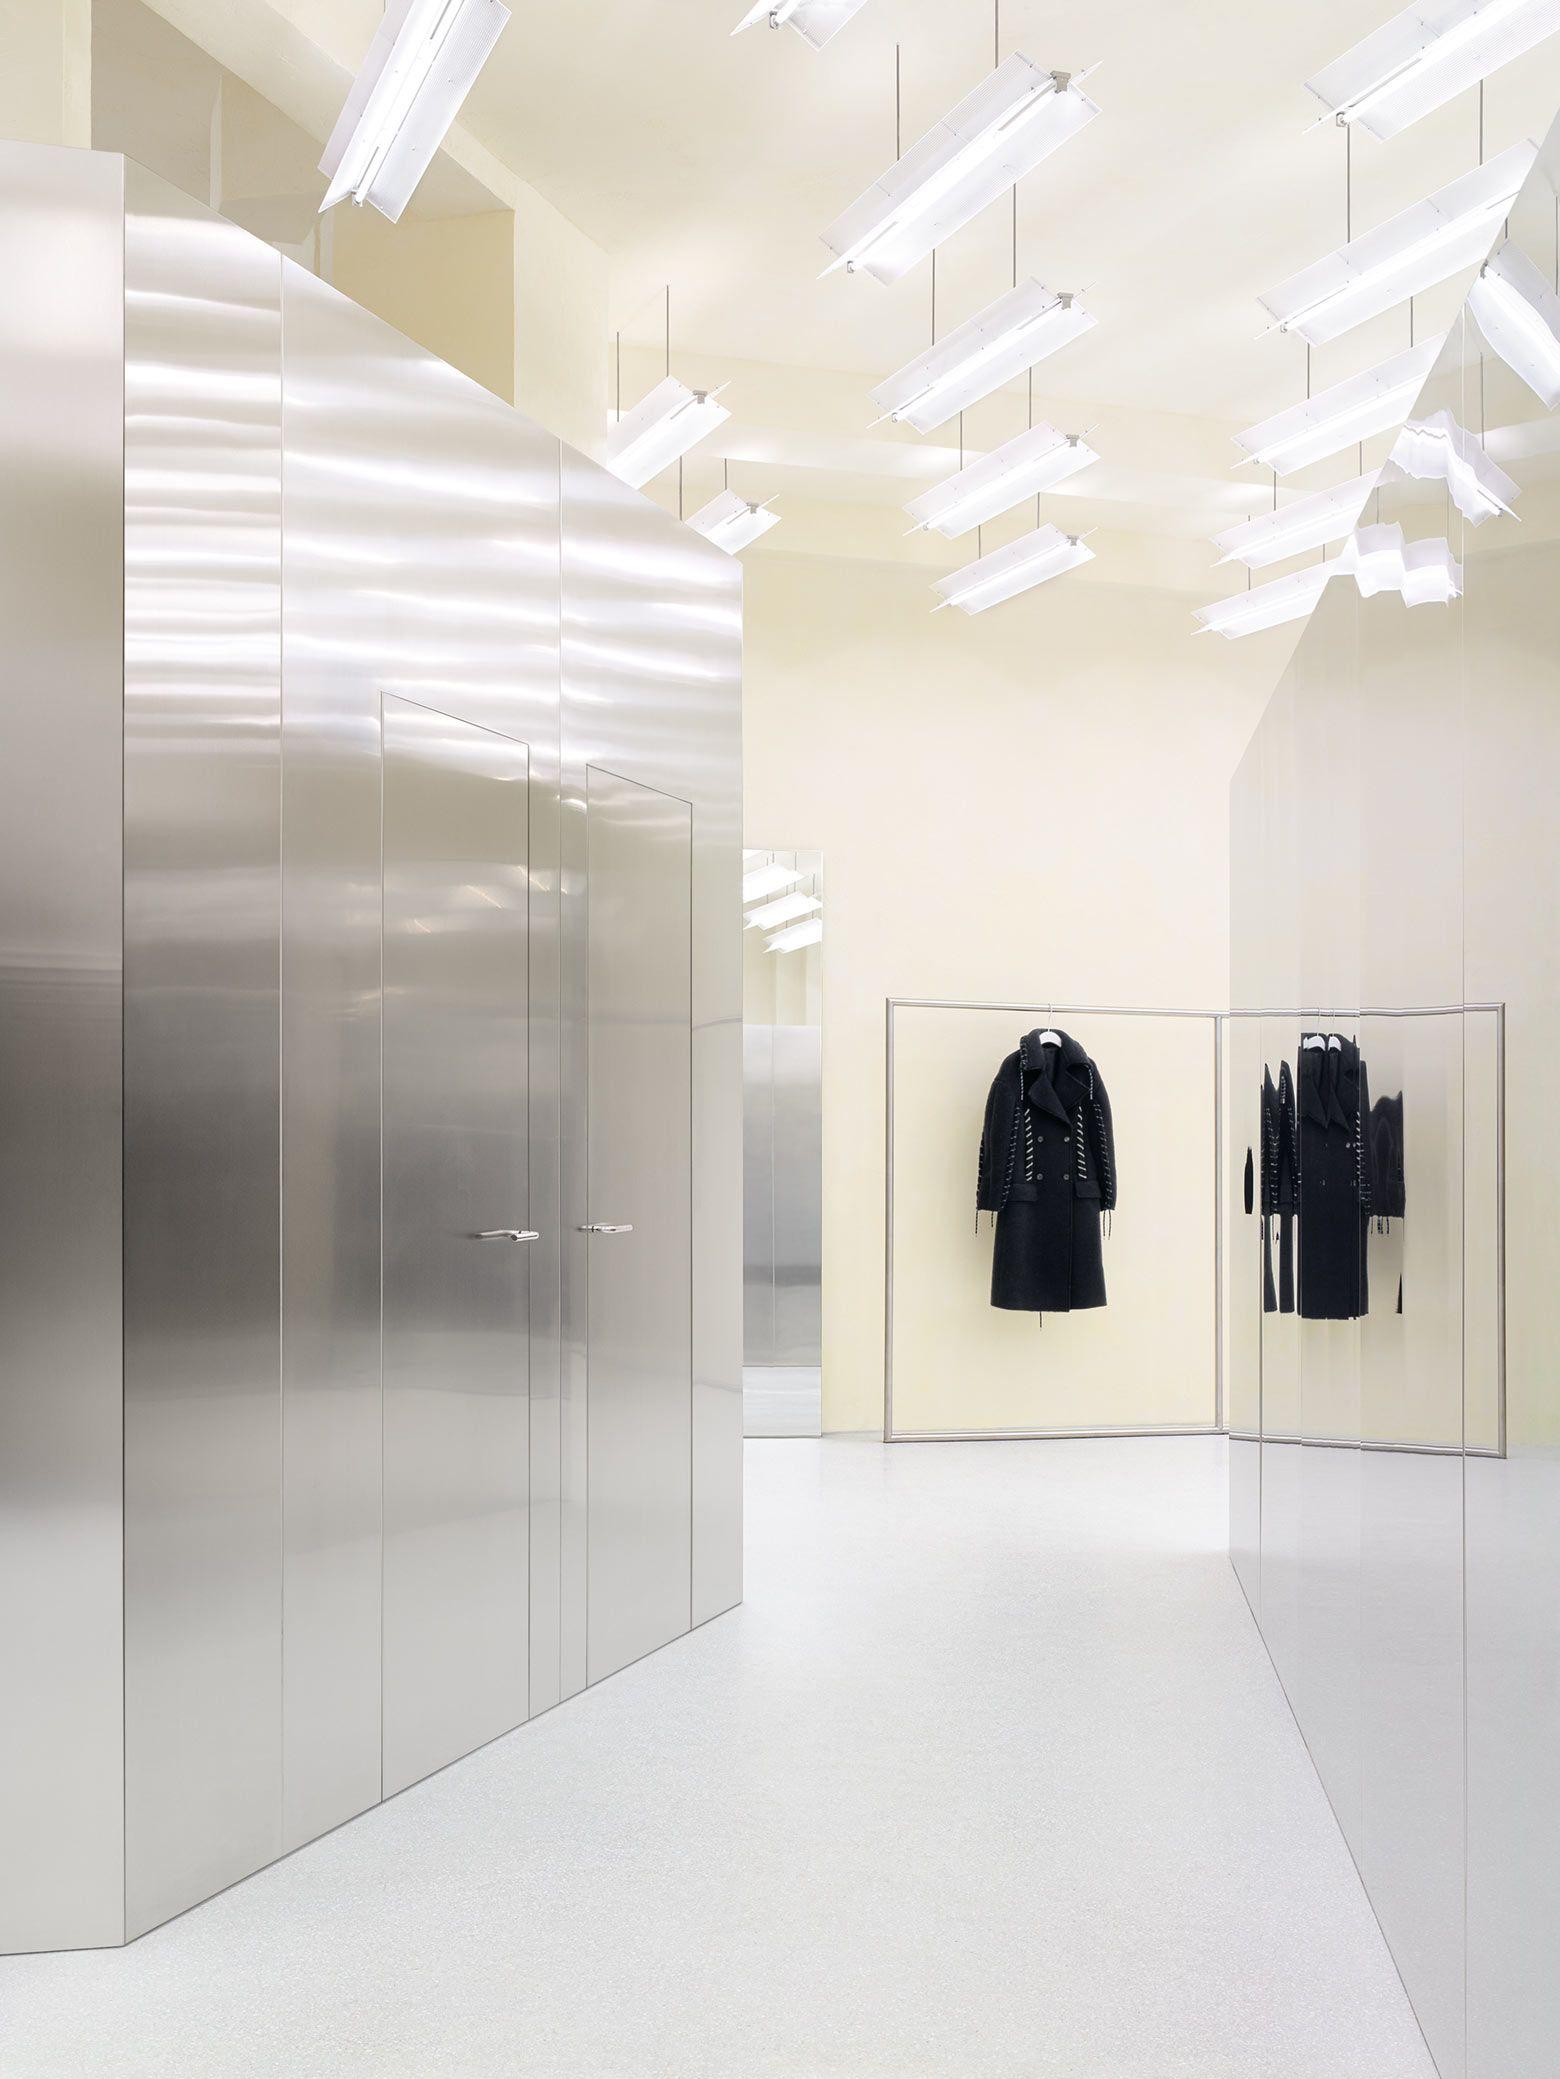 Www Acnestudios Com Ladeninneneinrichtung Shop Innenarchitektur Design